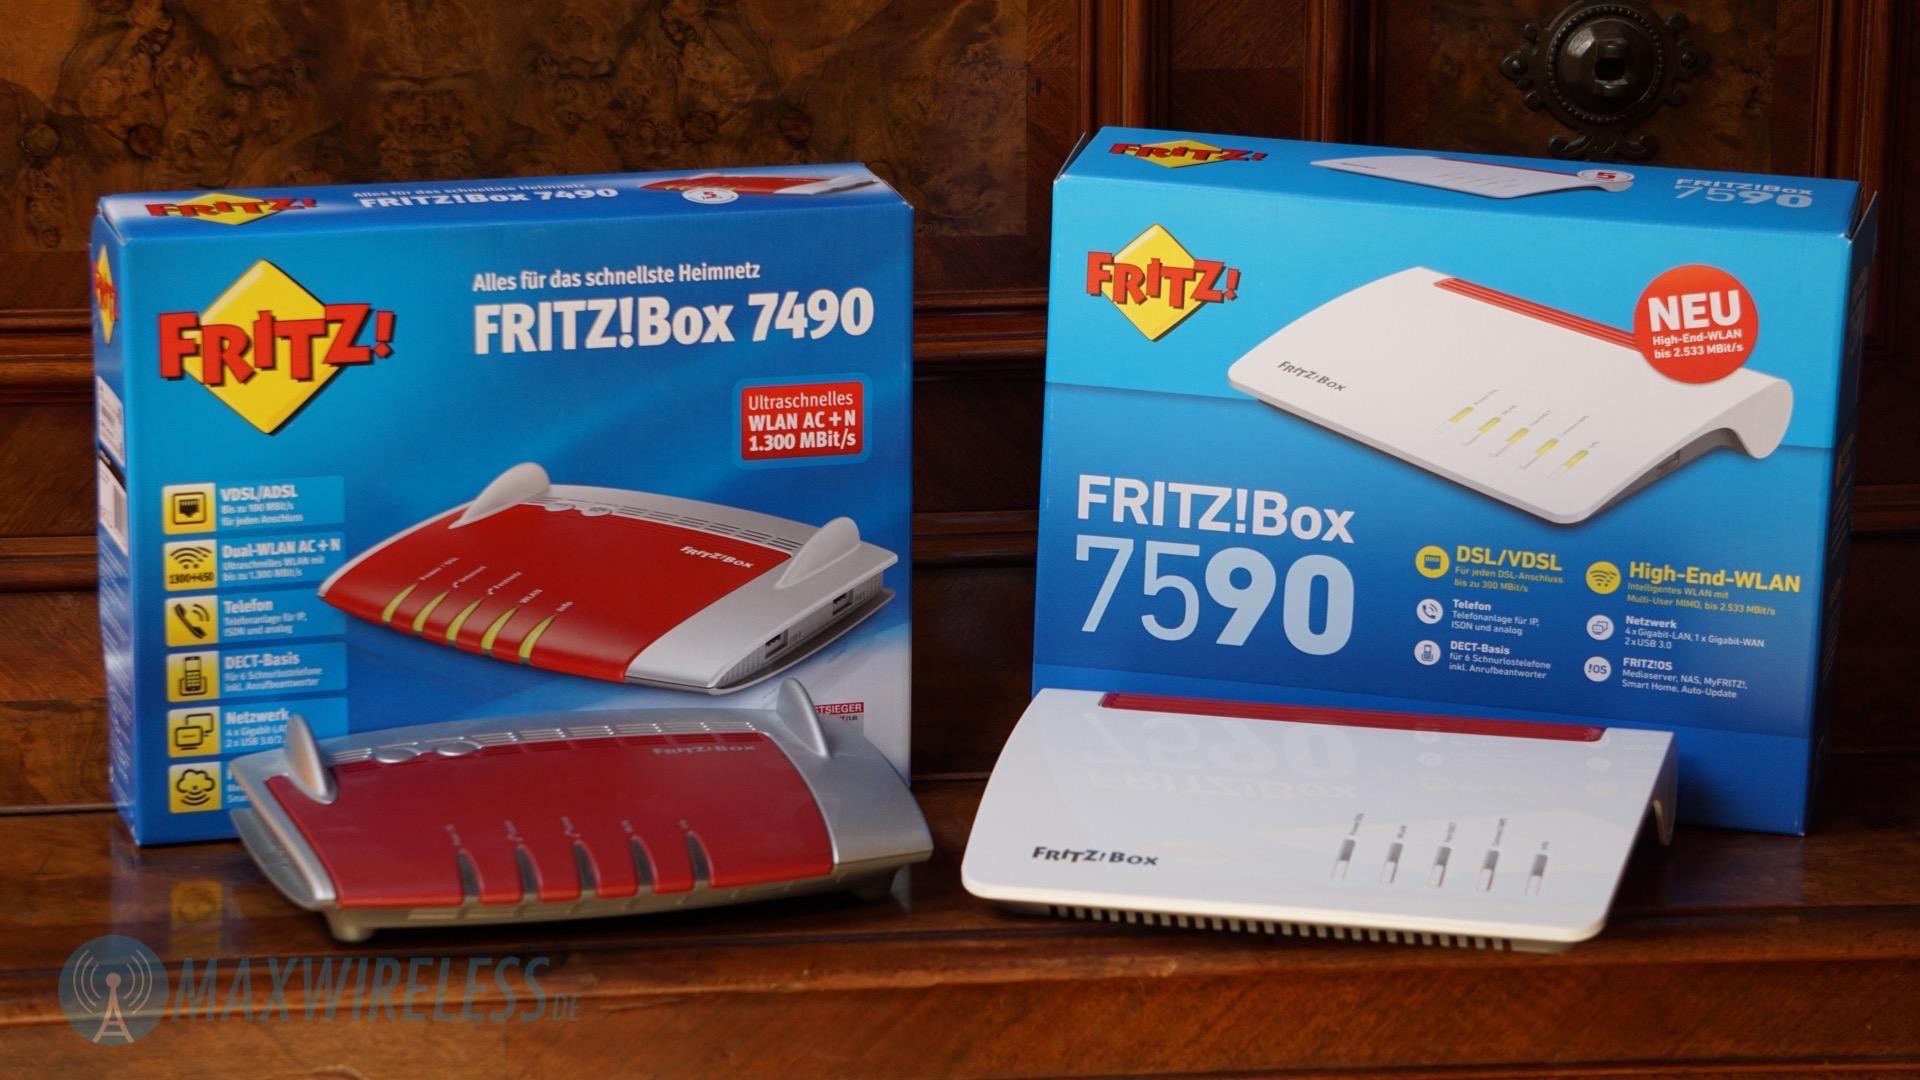 AVM FRITZBox 20 und 20 im Vergleich   maxwireless.de